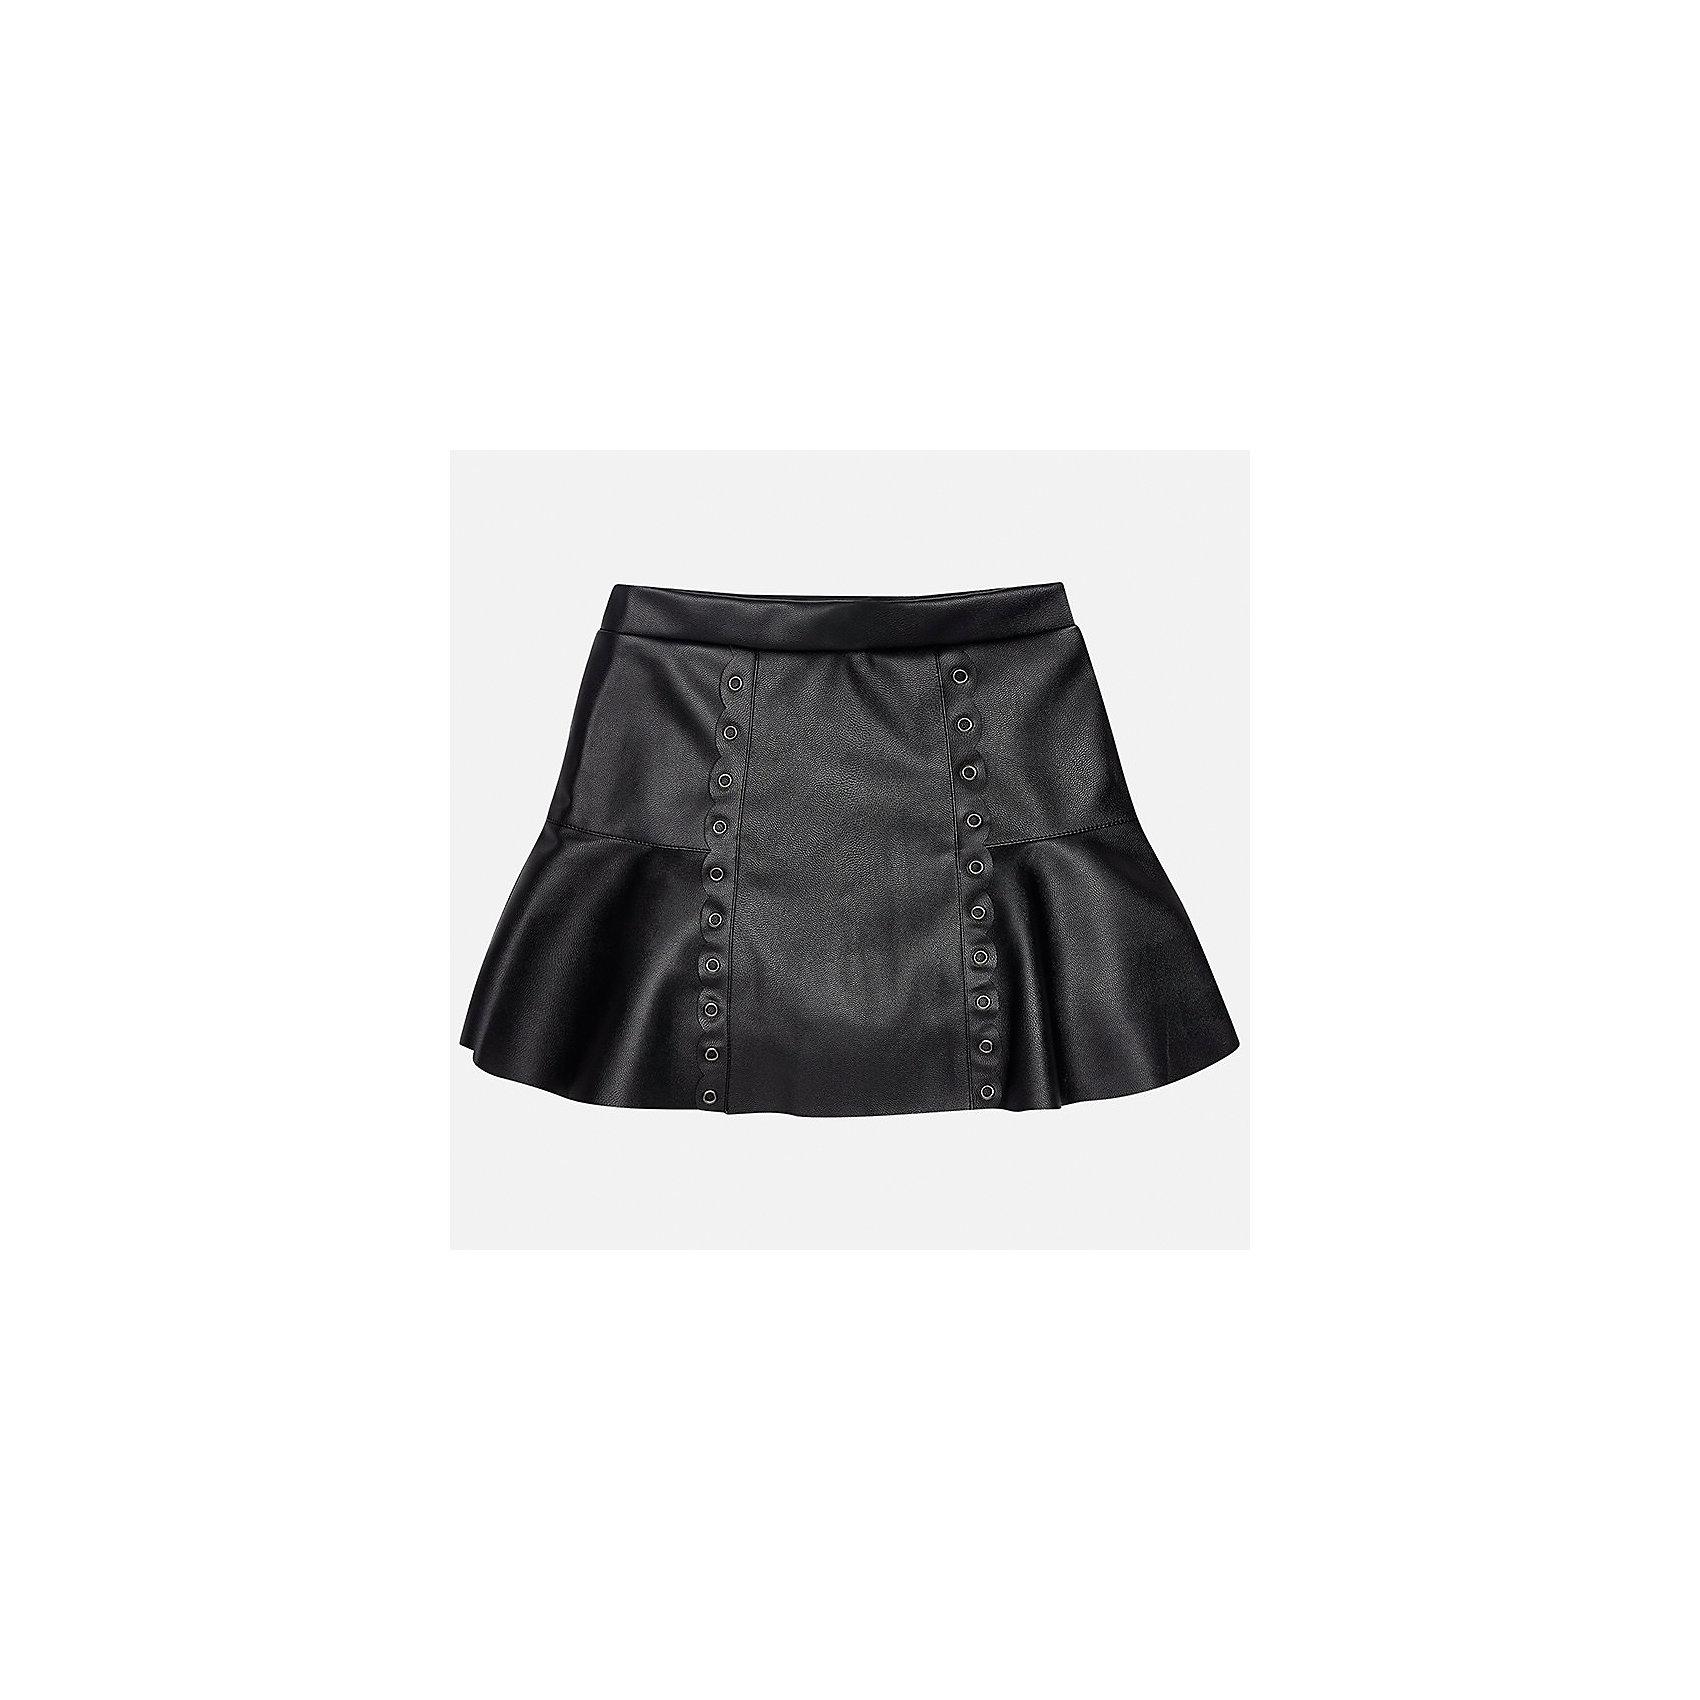 Юбка Mayoral для девочкиЮбки<br>Характеристики товара:<br><br>• цвет: черный<br>• состав ткани: 100% полиуретан, подкладка - 100% хлопок<br>• сезон: круглый год<br>• металлические клепки<br>• страна бренда: Испания<br>• страна изготовитель: Индия<br><br>Черная оригинальная юбка от бренда Майорал поможет девочке выглядеть женственно и стильно. Юбка имеет хлопковую подкладку.<br><br>В одежде от испанской компании Майорал ребенок будет выглядеть модно, а чувствовать себя - комфортно. Целая команда европейских талантливых дизайнеров работает над созданием стильных и оригинальных моделей одежды.<br><br>Юбку для девочки Mayoral (Майорал) можно купить в нашем интернет-магазине.<br><br>Ширина мм: 207<br>Глубина мм: 10<br>Высота мм: 189<br>Вес г: 183<br>Цвет: черный<br>Возраст от месяцев: 108<br>Возраст до месяцев: 120<br>Пол: Женский<br>Возраст: Детский<br>Размер: 140,152,158,164,170,128/134<br>SKU: 6922417